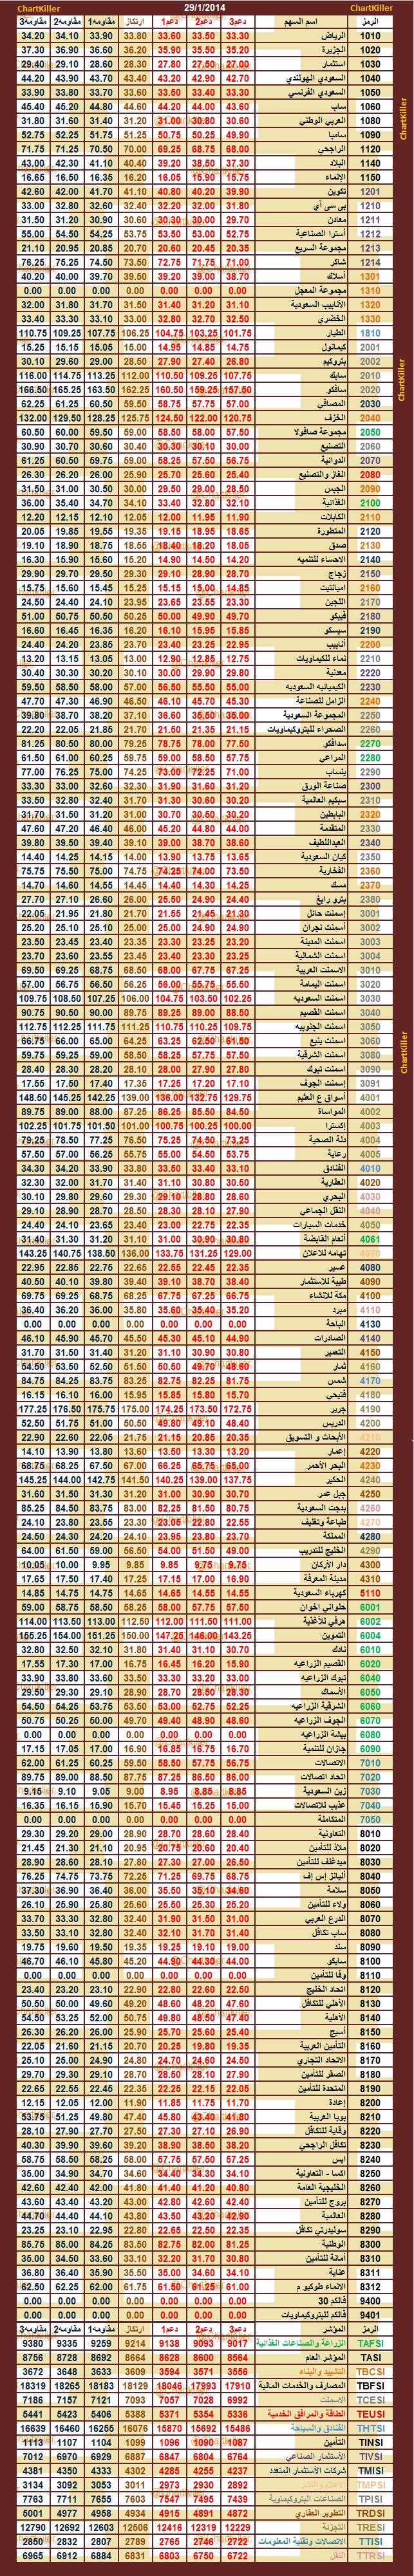 الدعم المقاومه ليوم  الاربعاء   29-1-2014  ::   السوق  السعودي  977344193